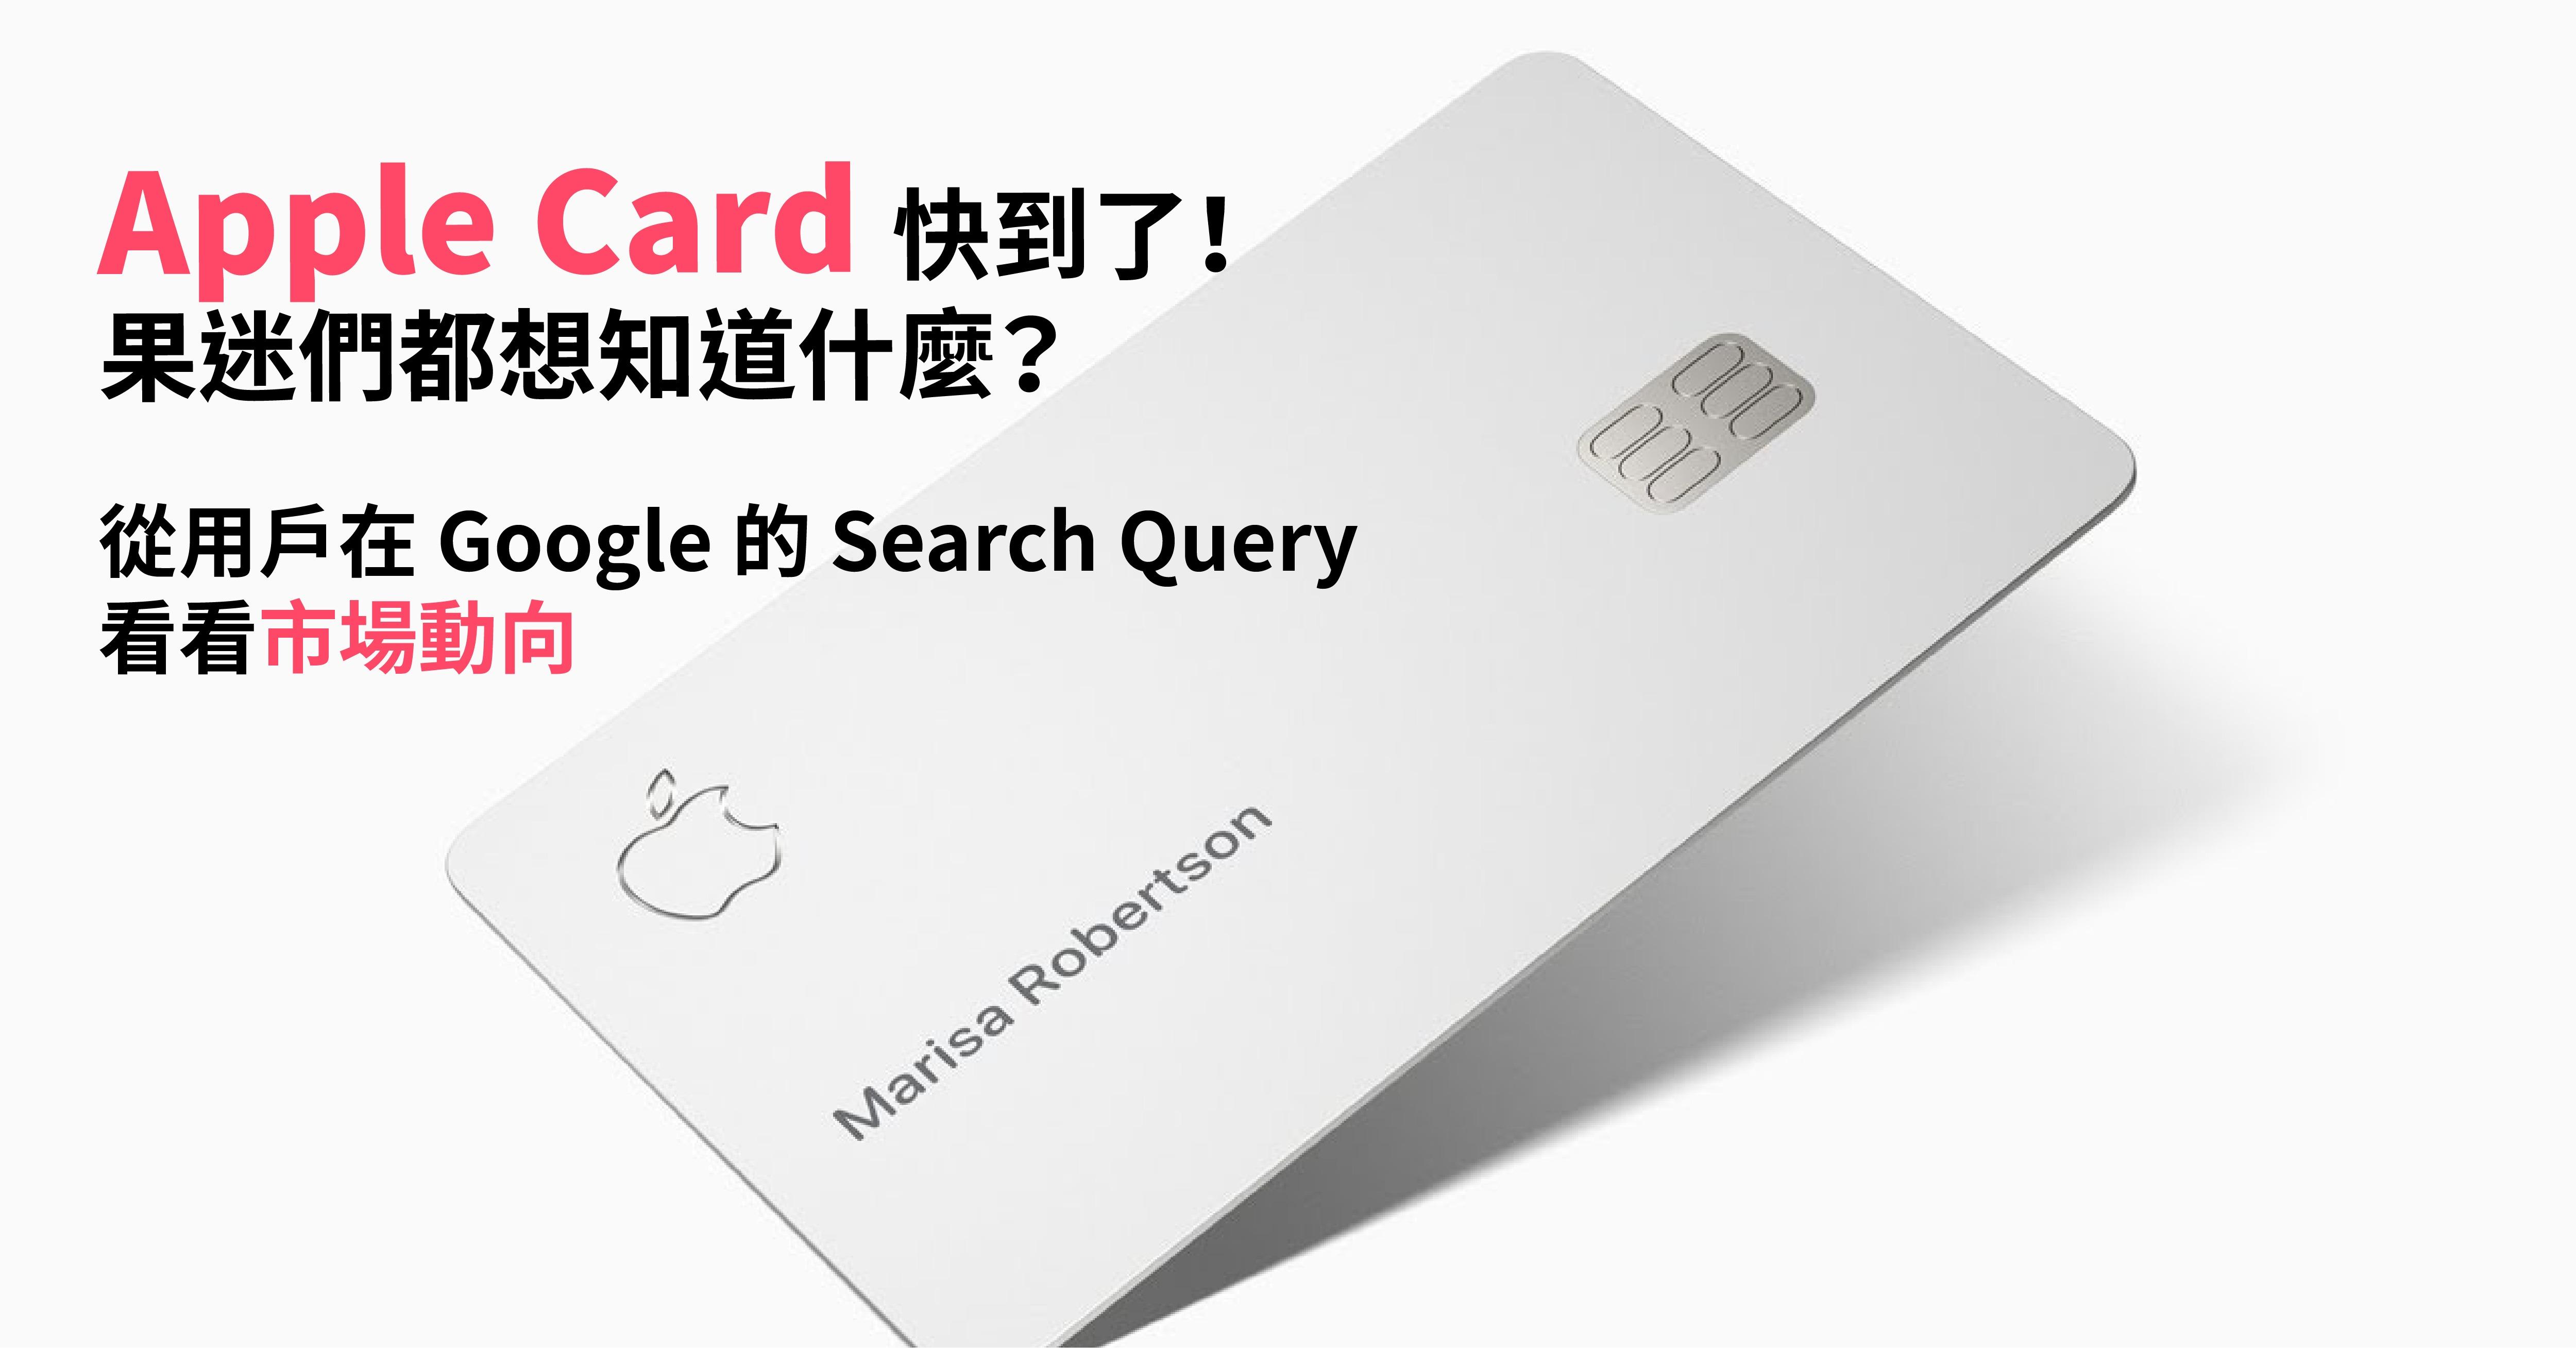 從用戶在 Google 的 Search Query看看市場動向